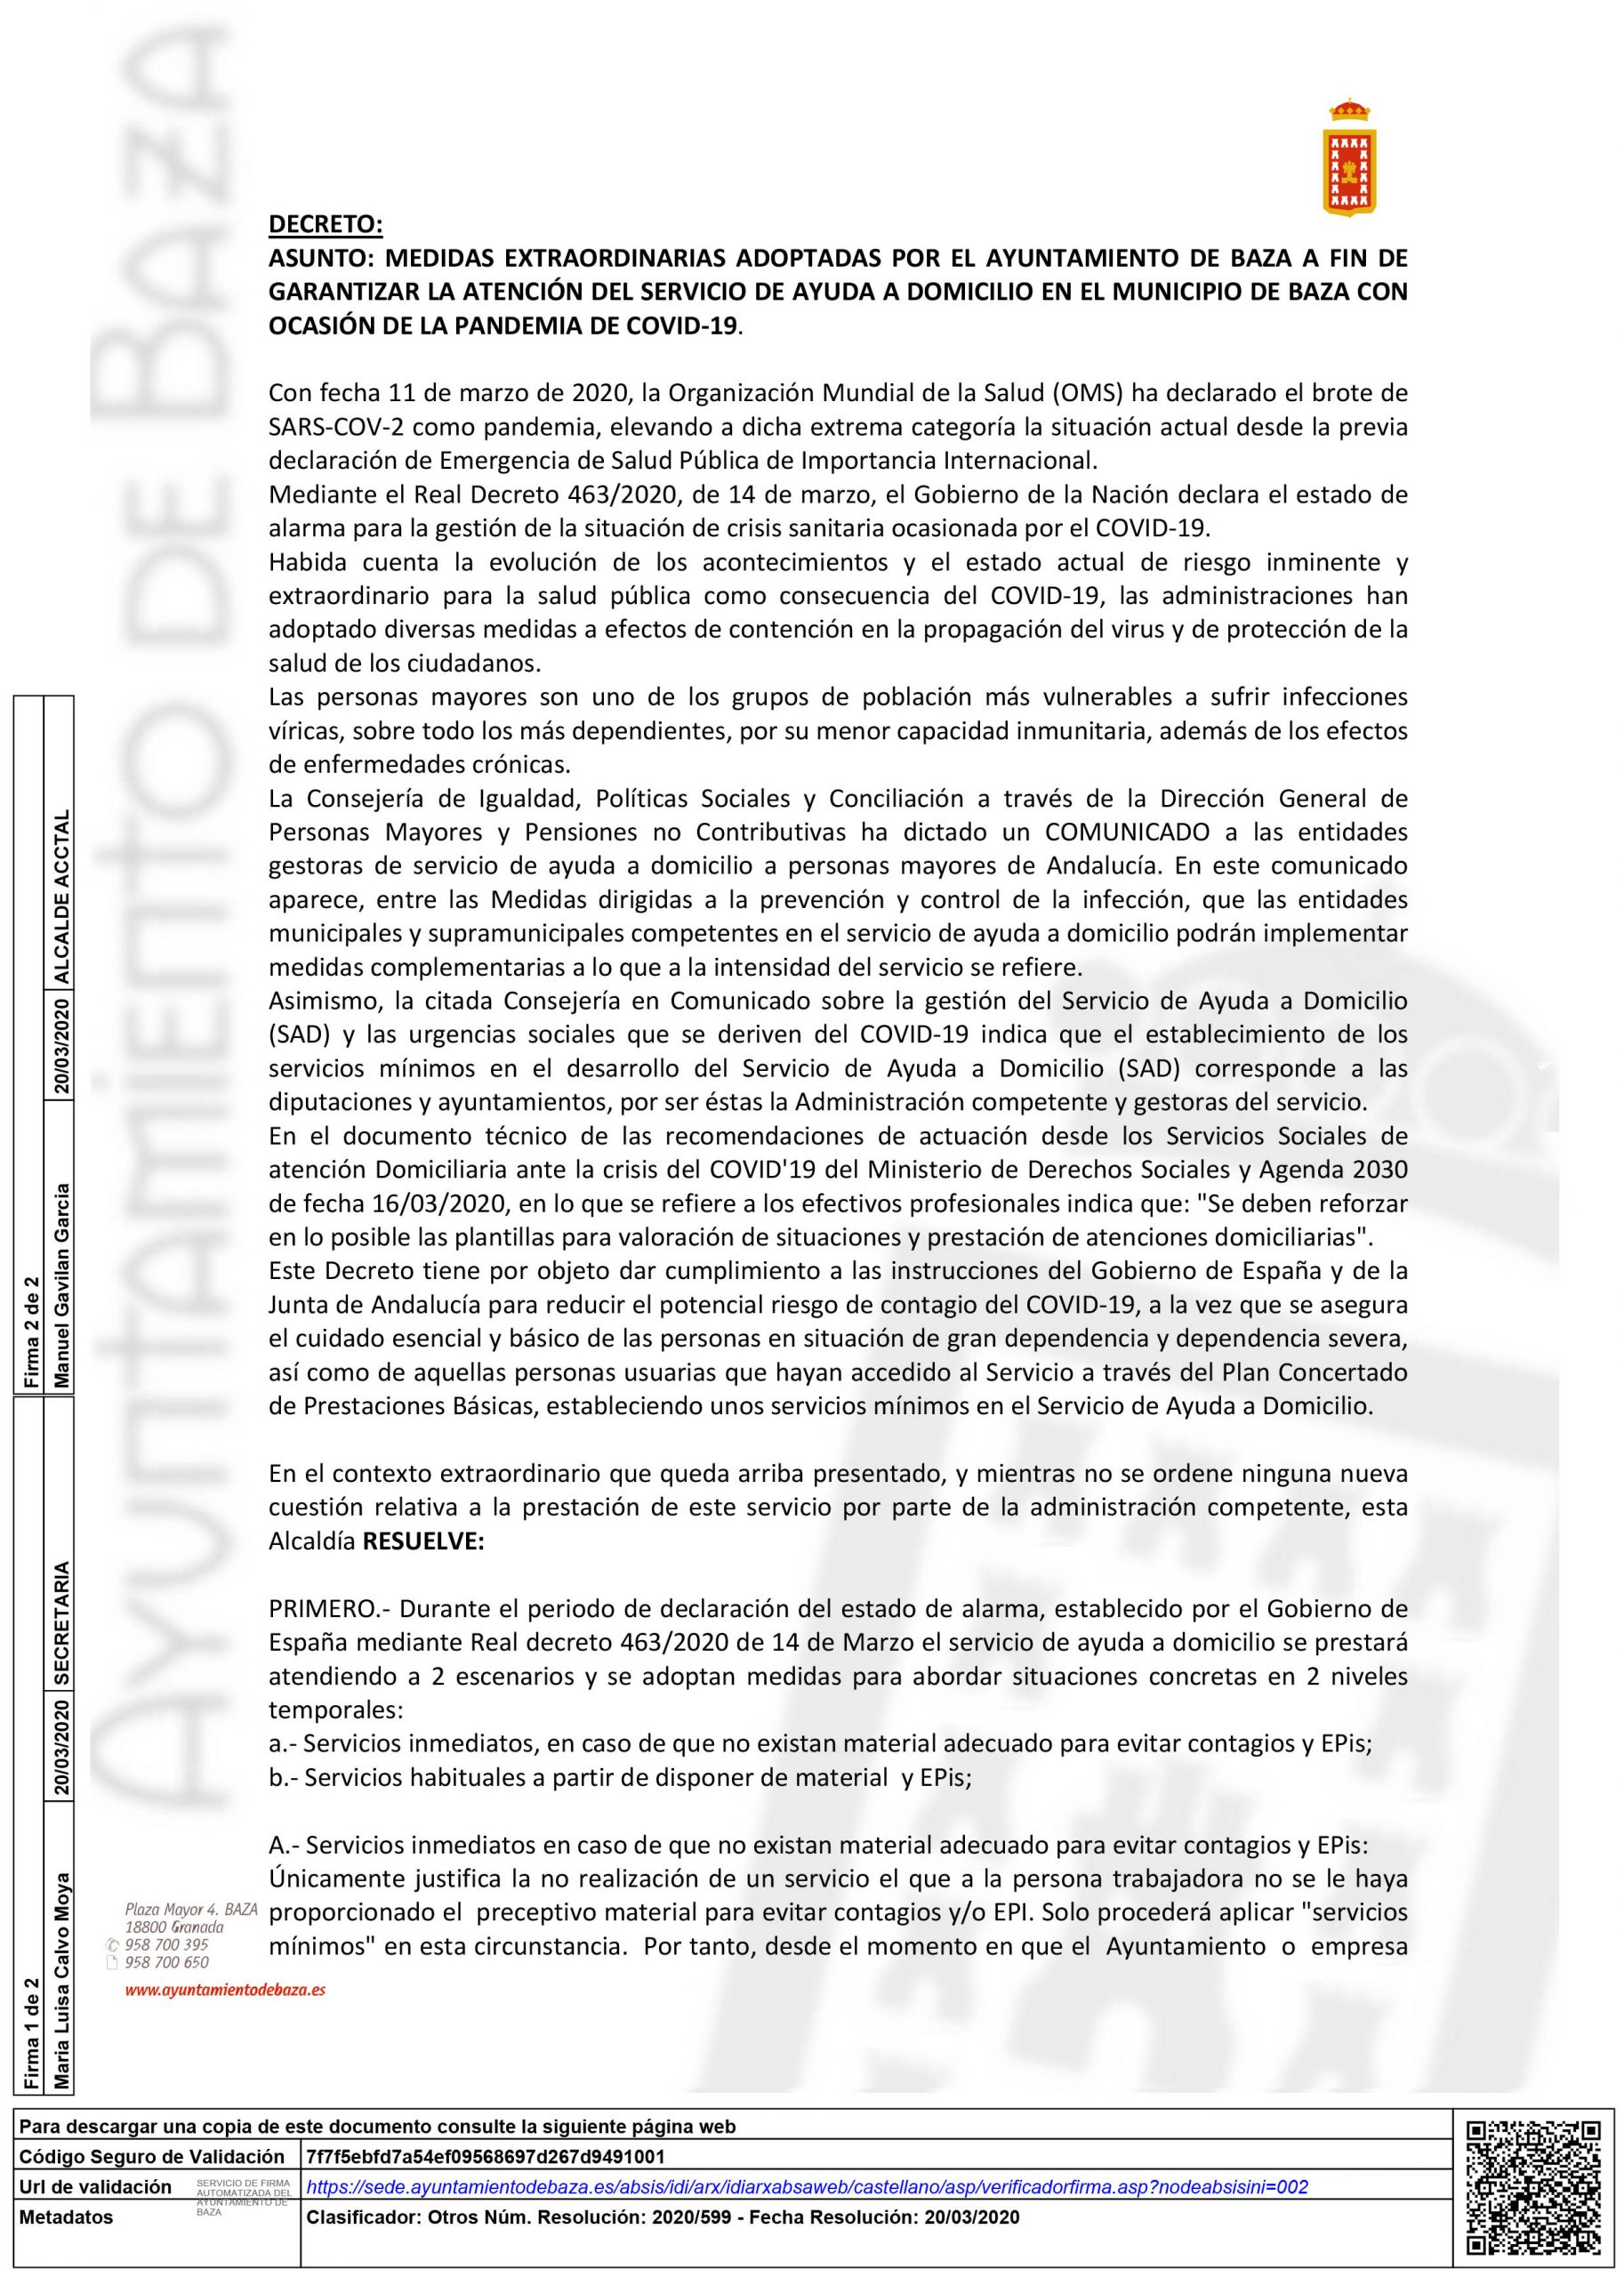 Decreto que establece los servicios mínimos en SAD en Baza